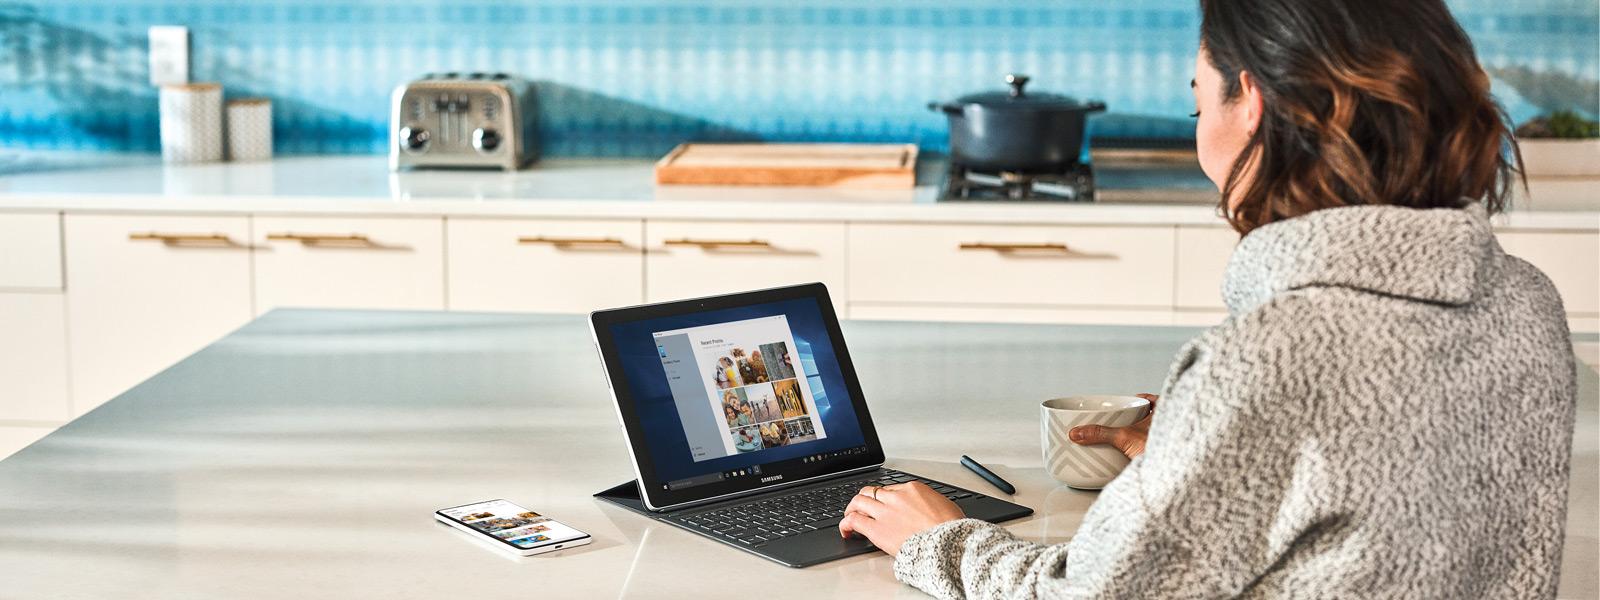 Žena sjedi iza kuhinjskog šanka i koristi prijenosno računalo sa sustavom Windows 10 i mobitel